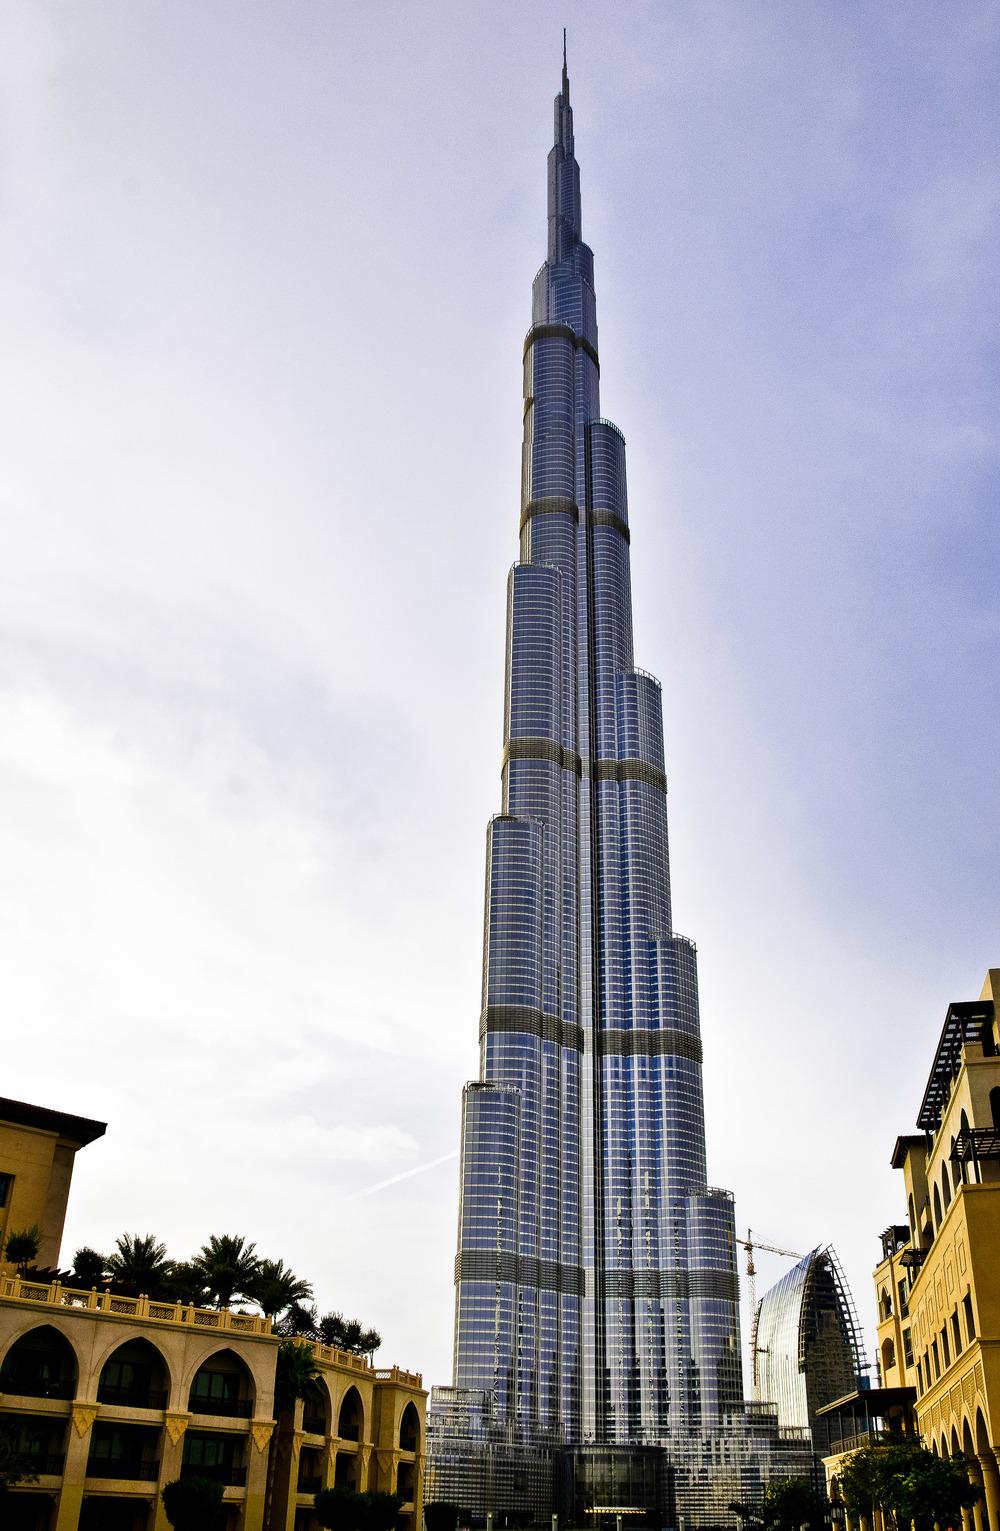 1005_Dubai_075HDR.jpg